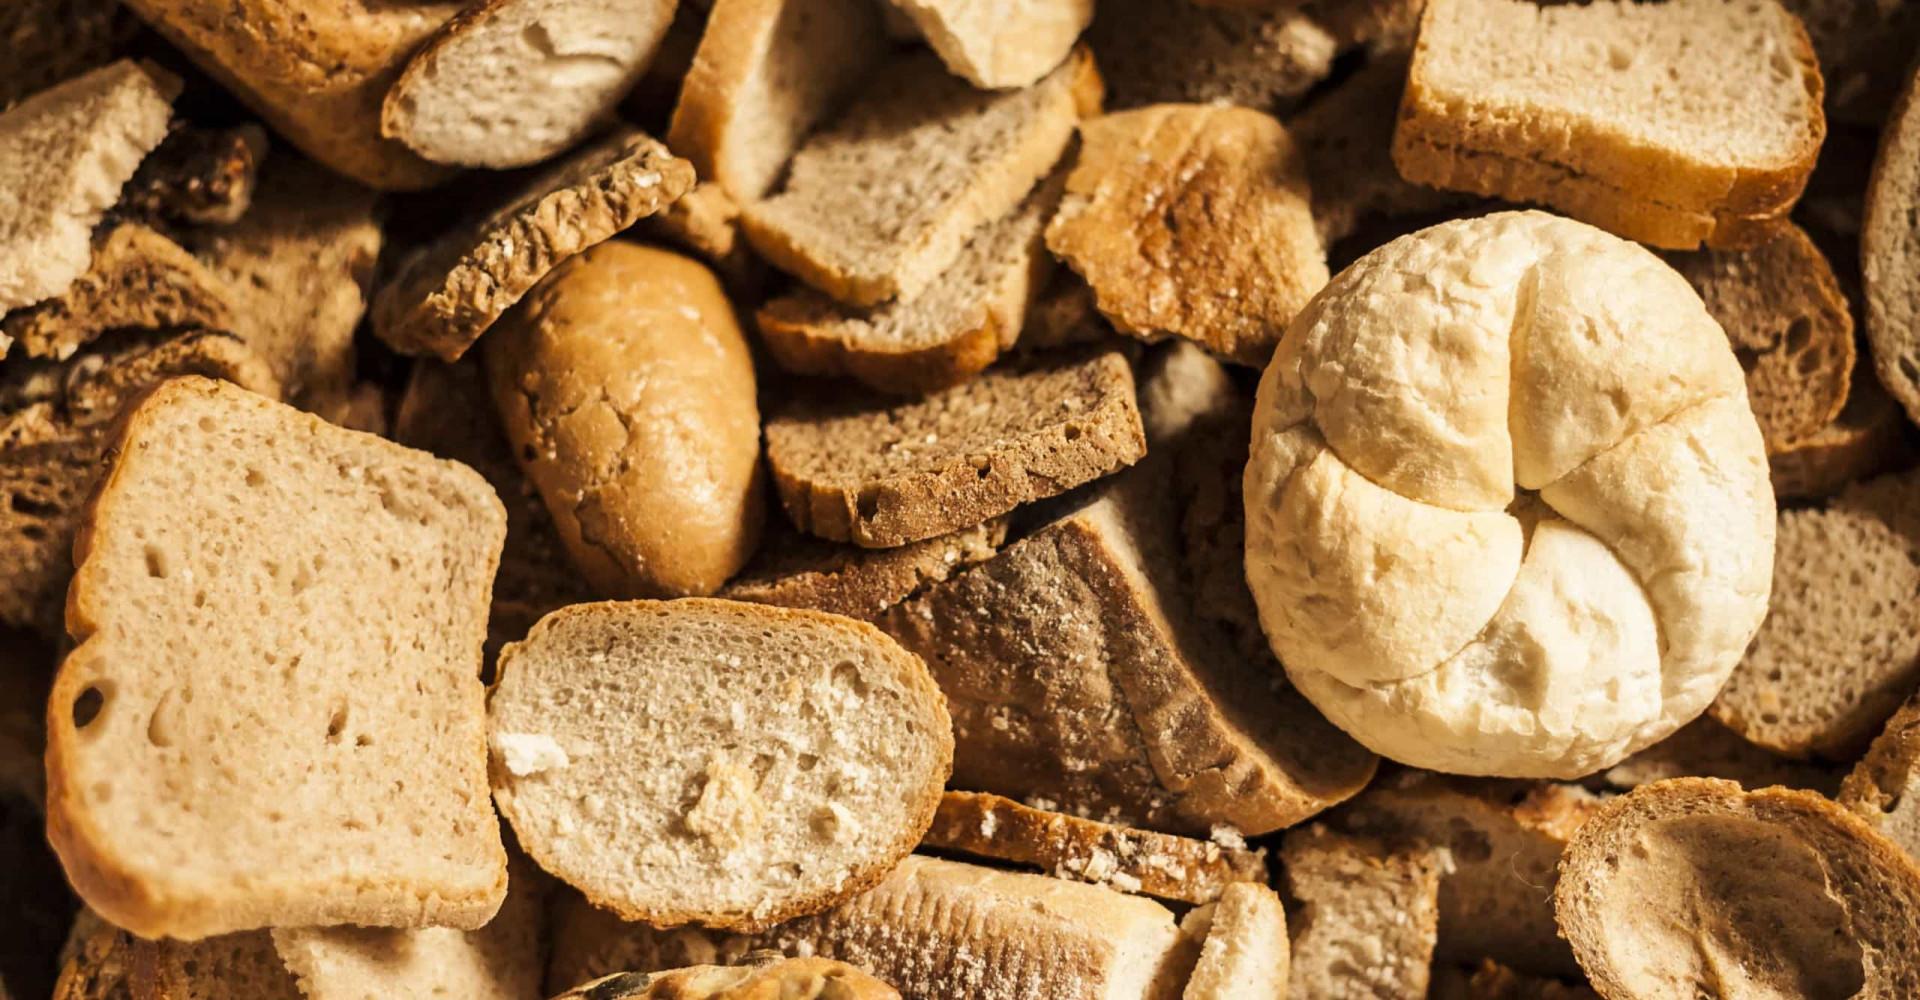 Lekkere dingen die je kunt maken van oud brood